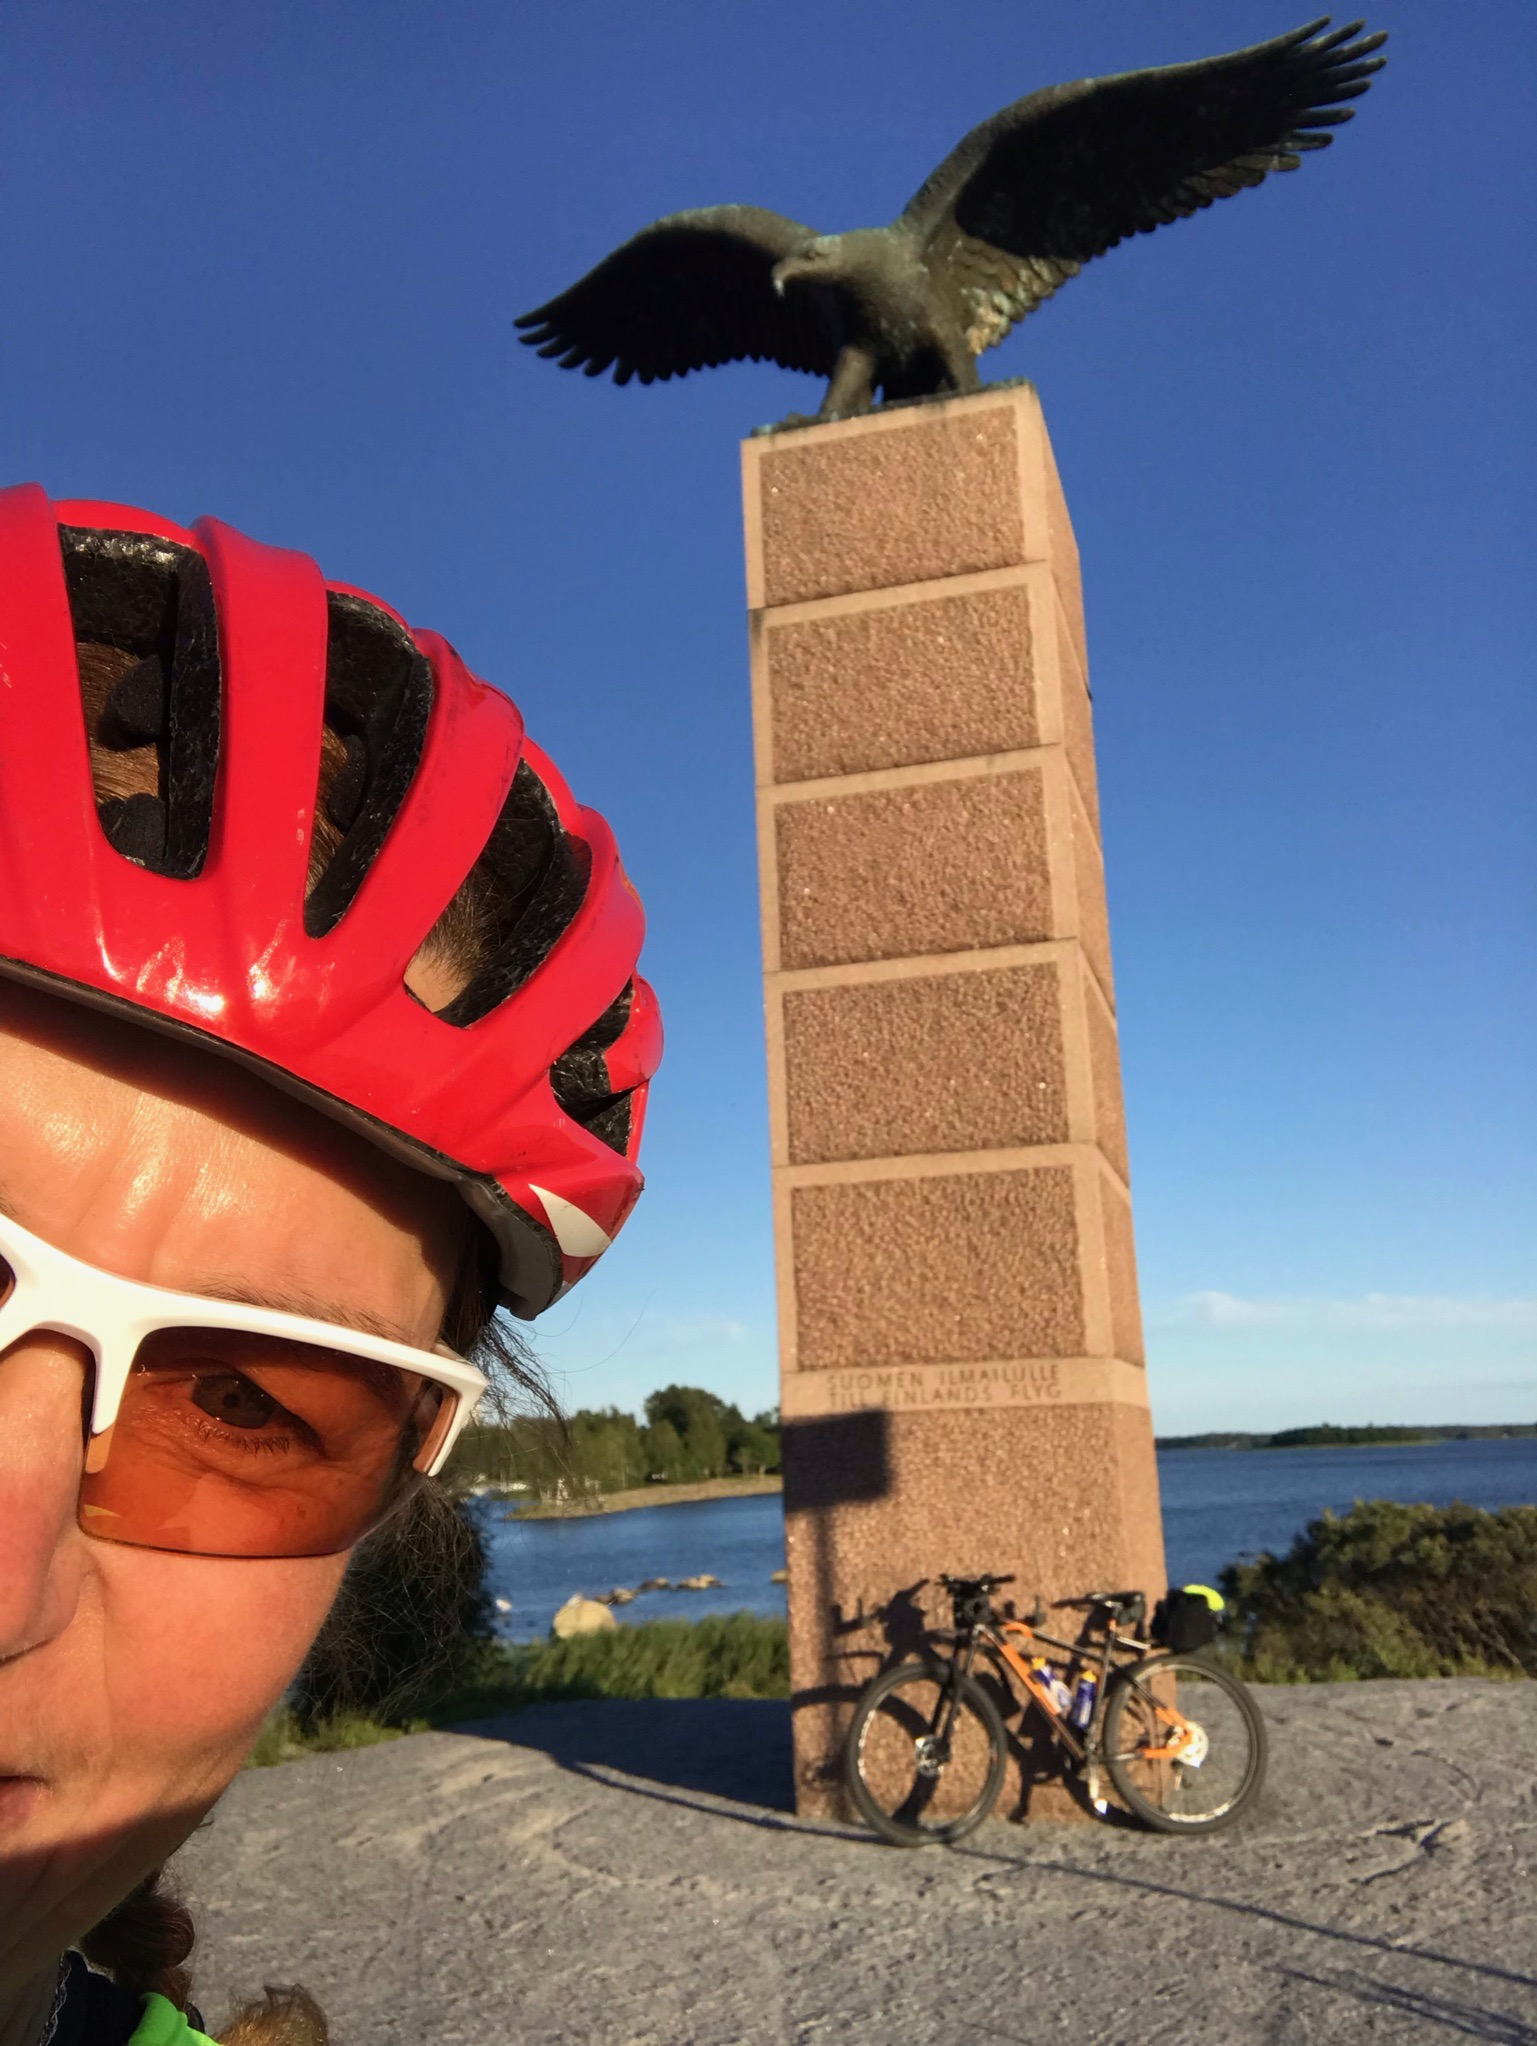 Minä pyöräretkeni päätepisteessä: Vaasassa Merikotka-patsaalla Vaskiluodon sillan kupeessa.